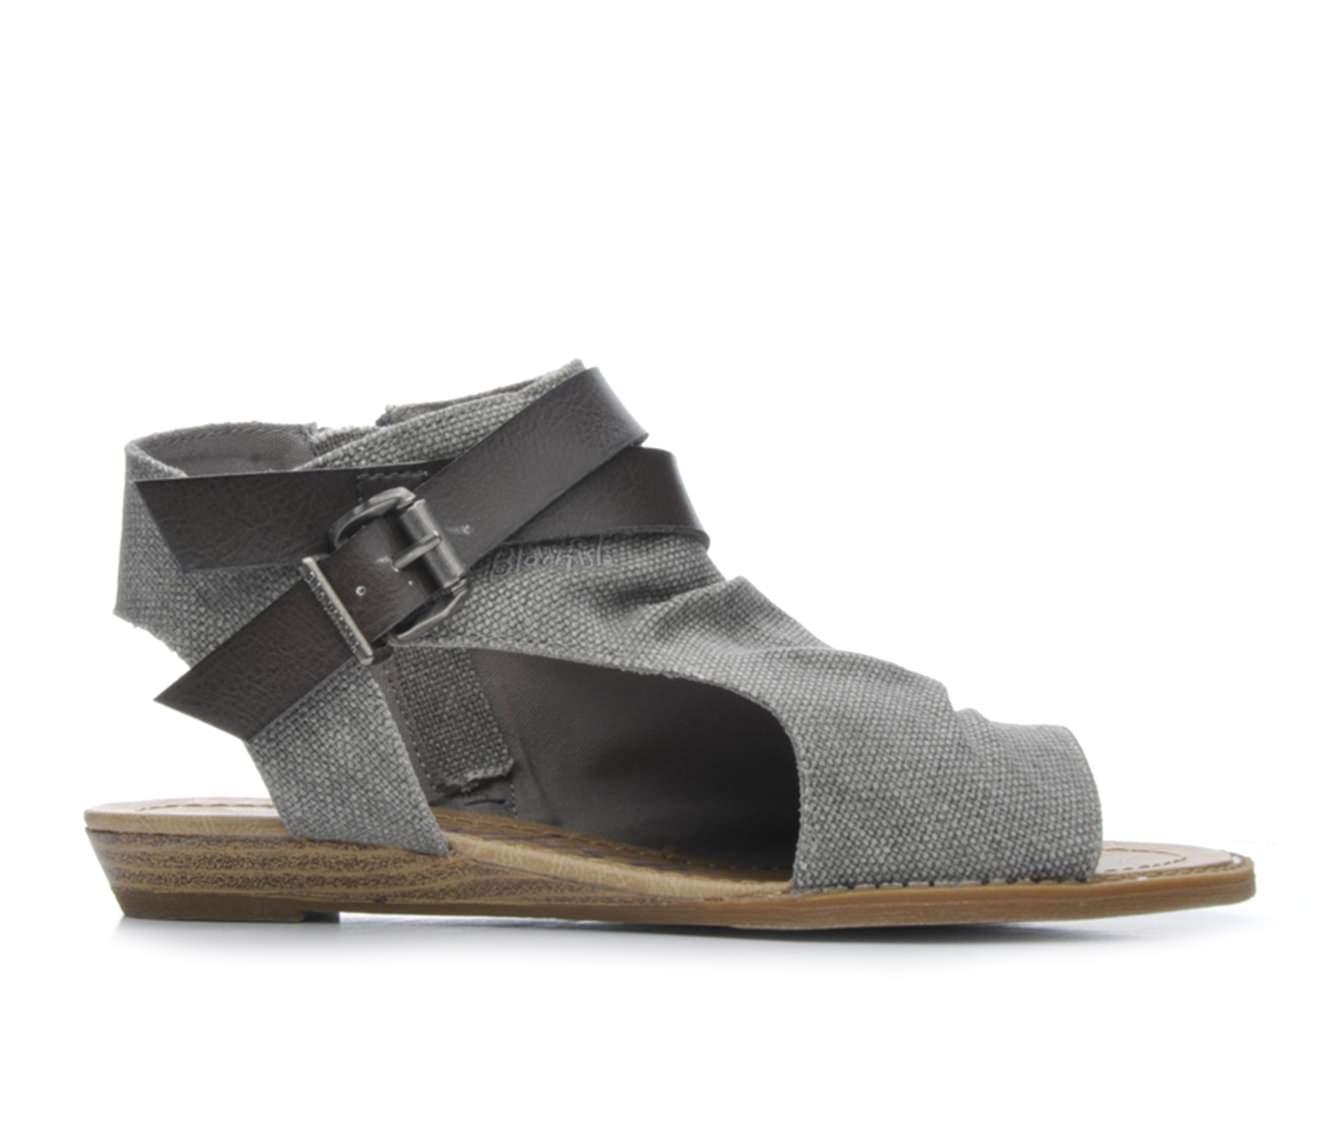 Women's Blowfish Malibu Balla Sandals (Grey)